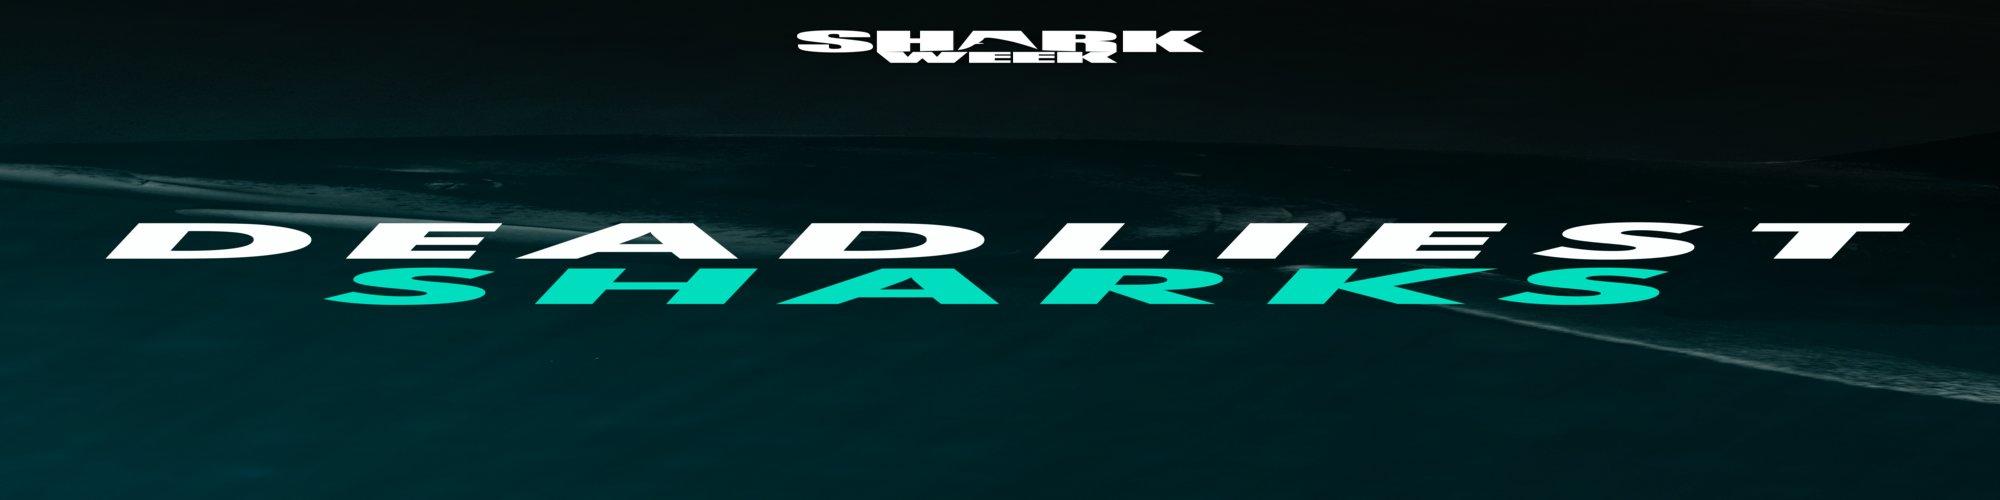 Deadliest Sharks